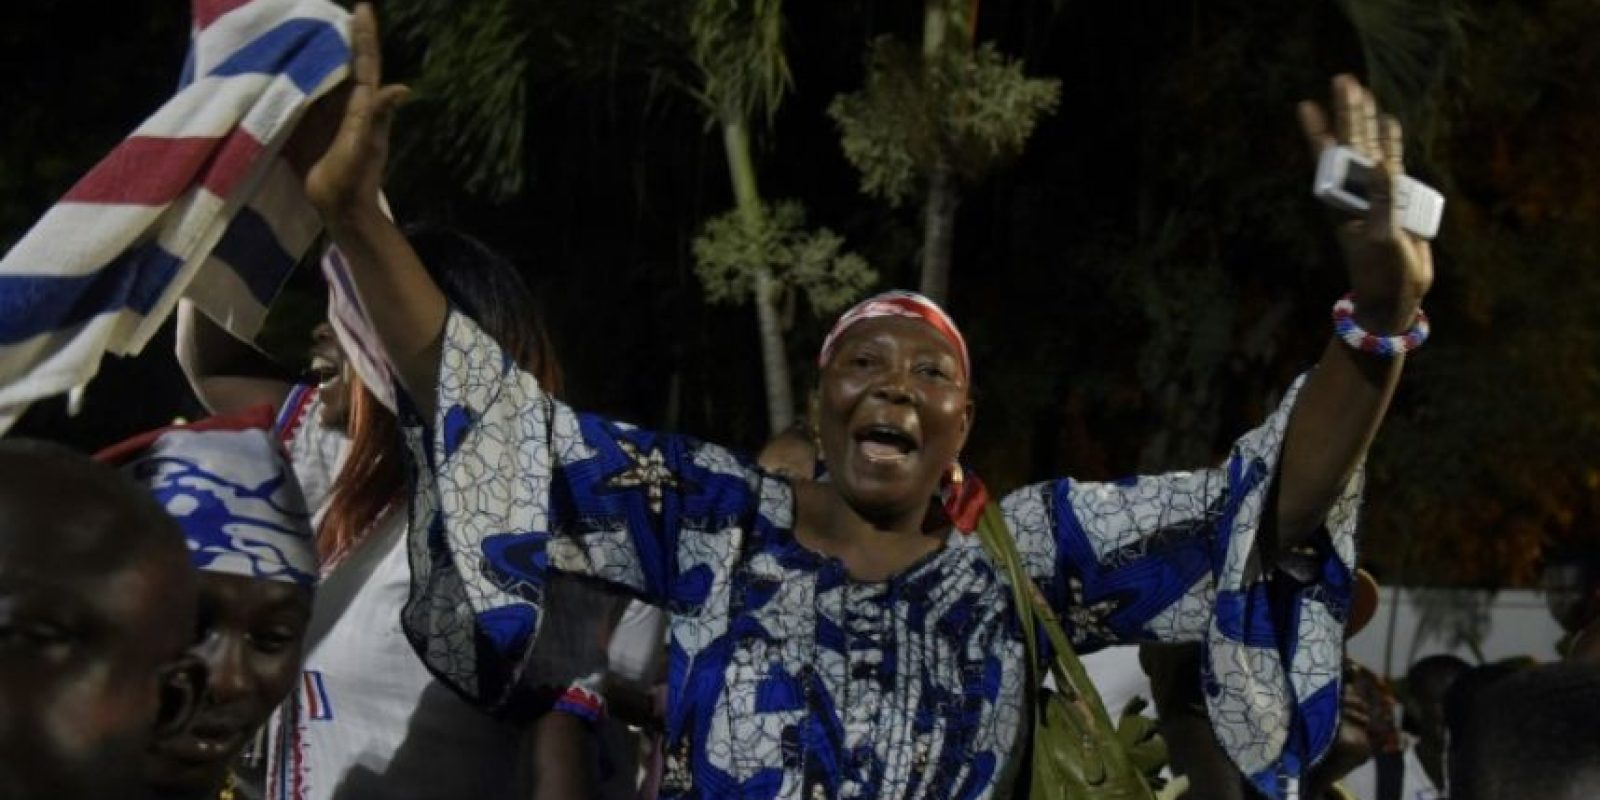 Una simpatizante de candidato opositor a la presidencia de Ghana, Nana Akufo-Addo, celebra su victoria en las urnas el 9 de diciembre de 2016 en Accra Foto:Pius Utomi Ekpei/afp.com